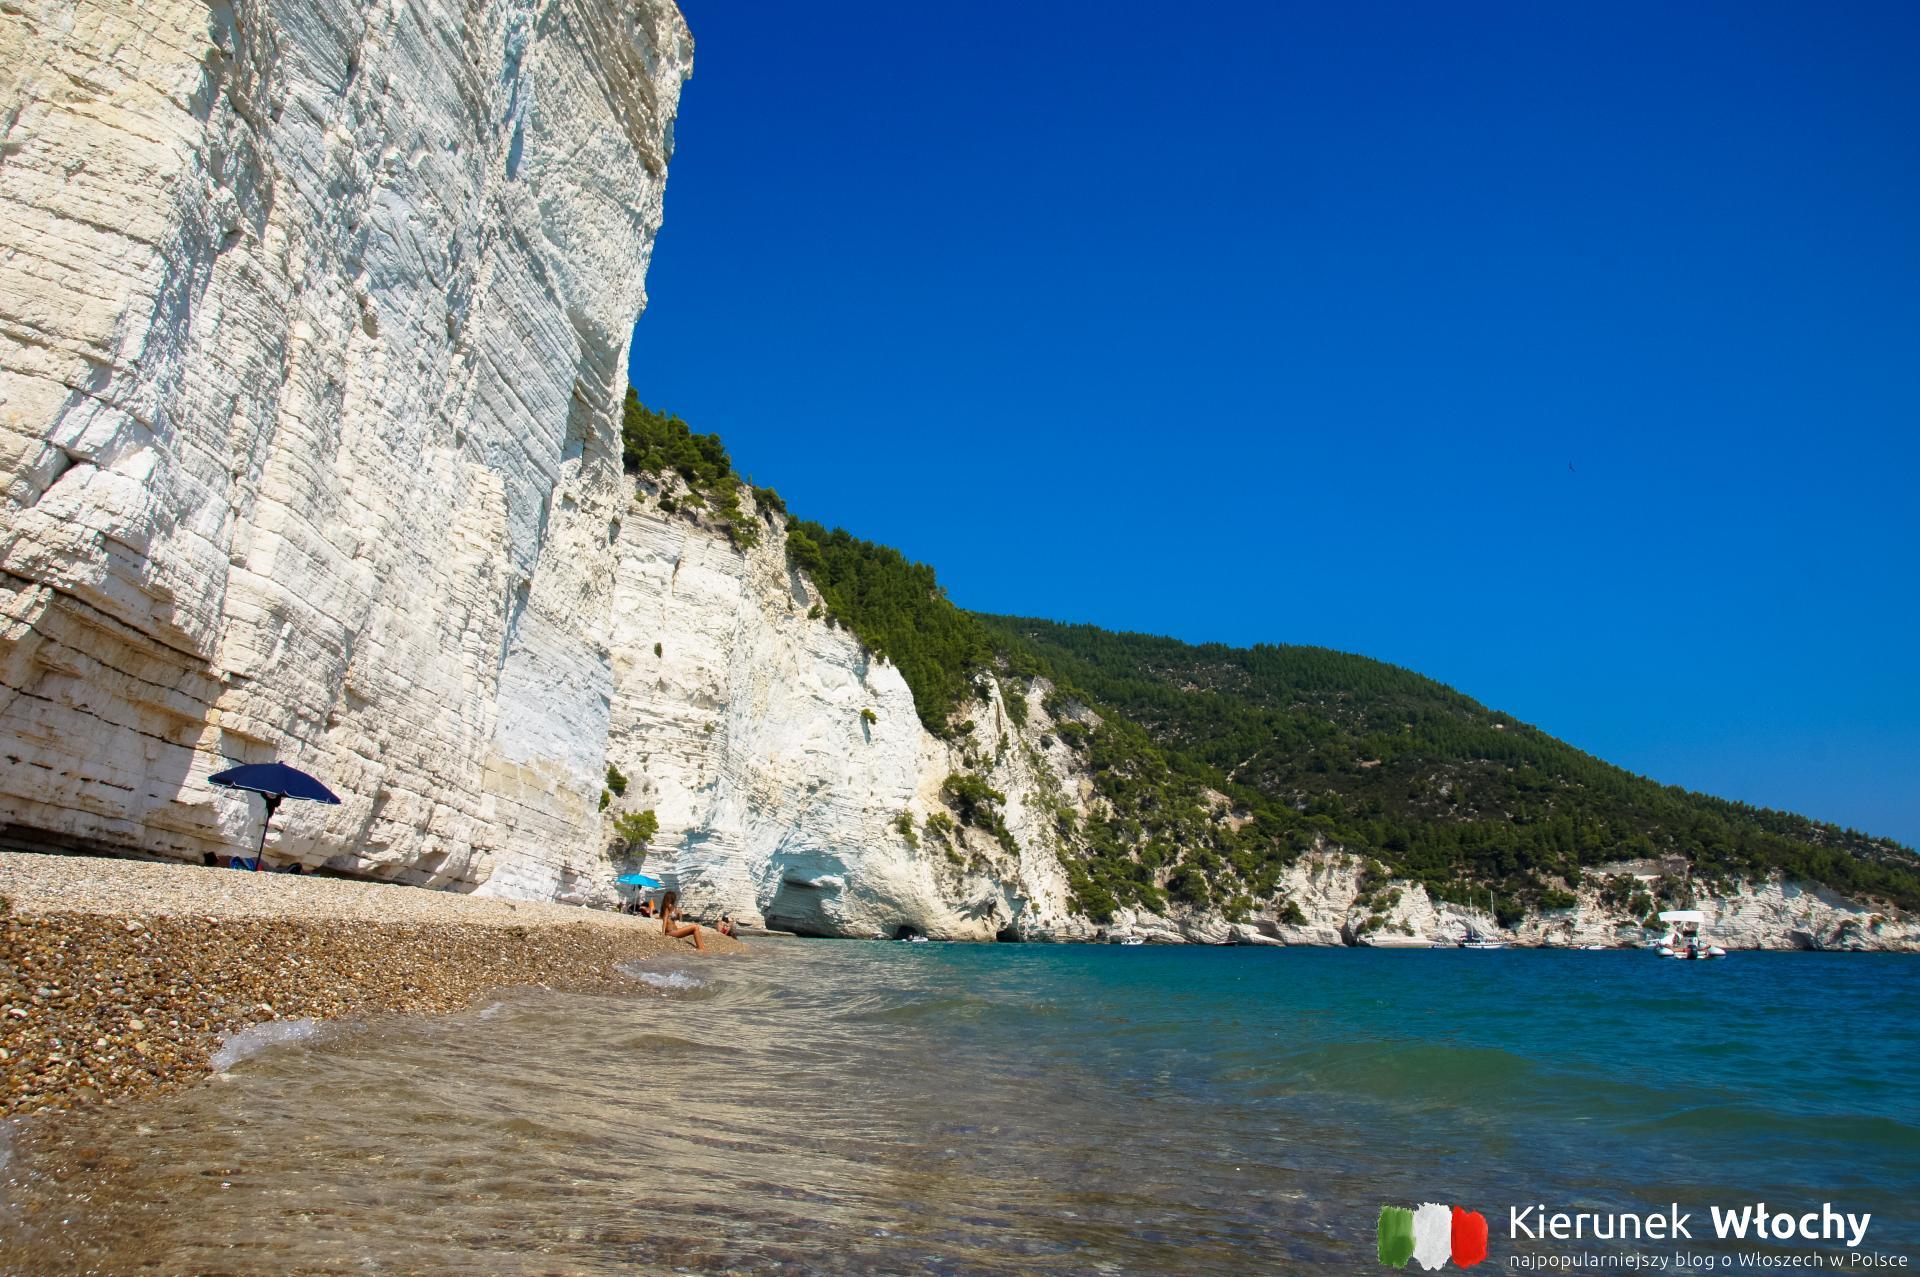 plaża Scialmarino, Gargano, Włochy (fot. Ł. Ropczyński, kierunekwlochy.pl)